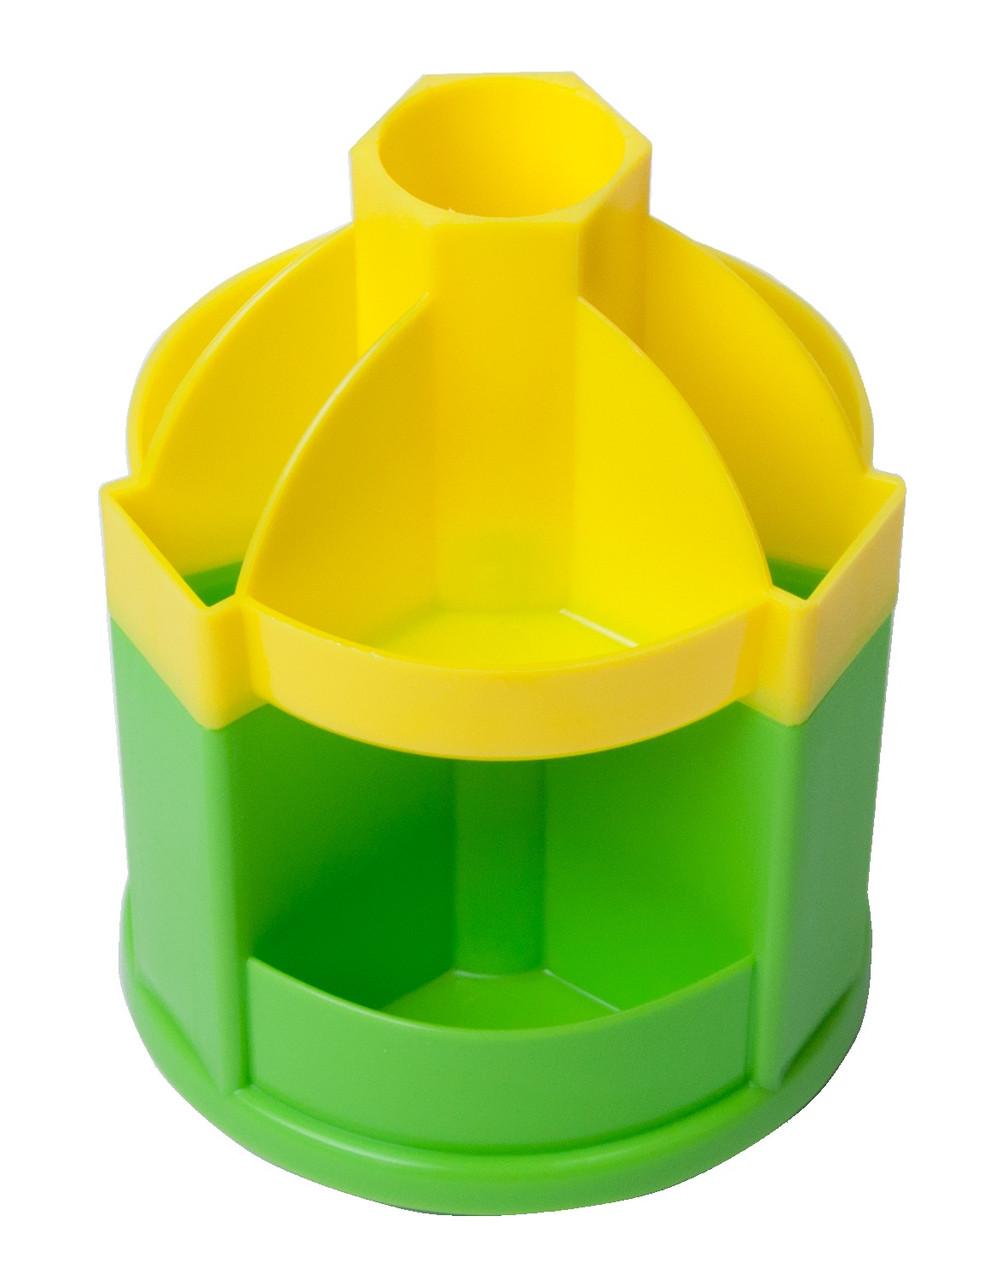 Подставка-вертушка канцелярская 10 отделений Joy желто-салатовая Zibi, ZB.3019-0815, 929914